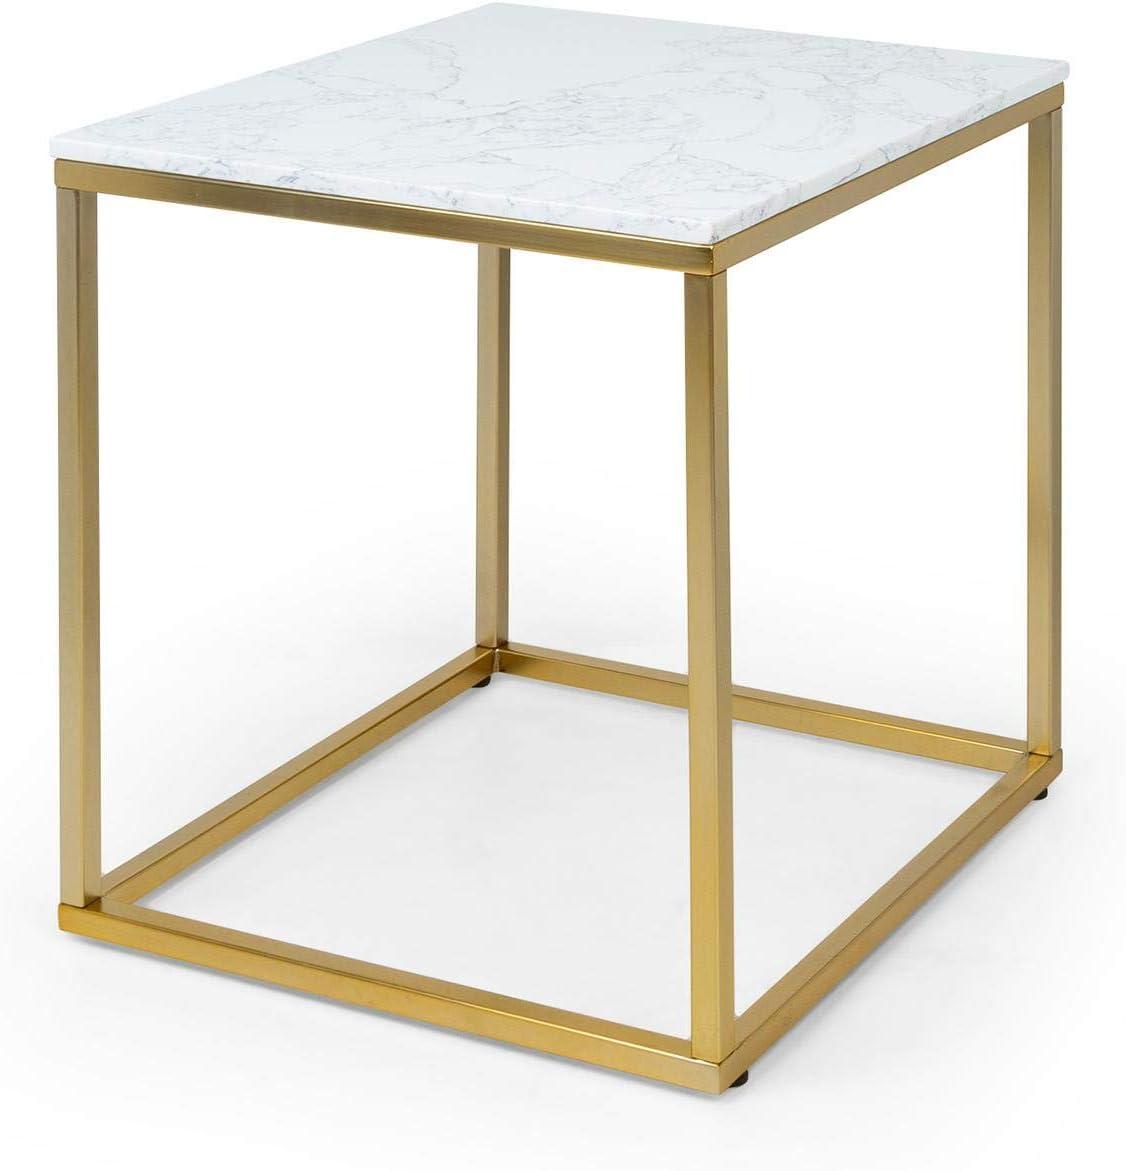 Besoa White Pearl I Mesa para el sillón - Mesa Auxiliar, 50 x 50 x 50 cm, Soporte de mármol Blanco, Hecho en Metal con Todos Dorados y Blancos